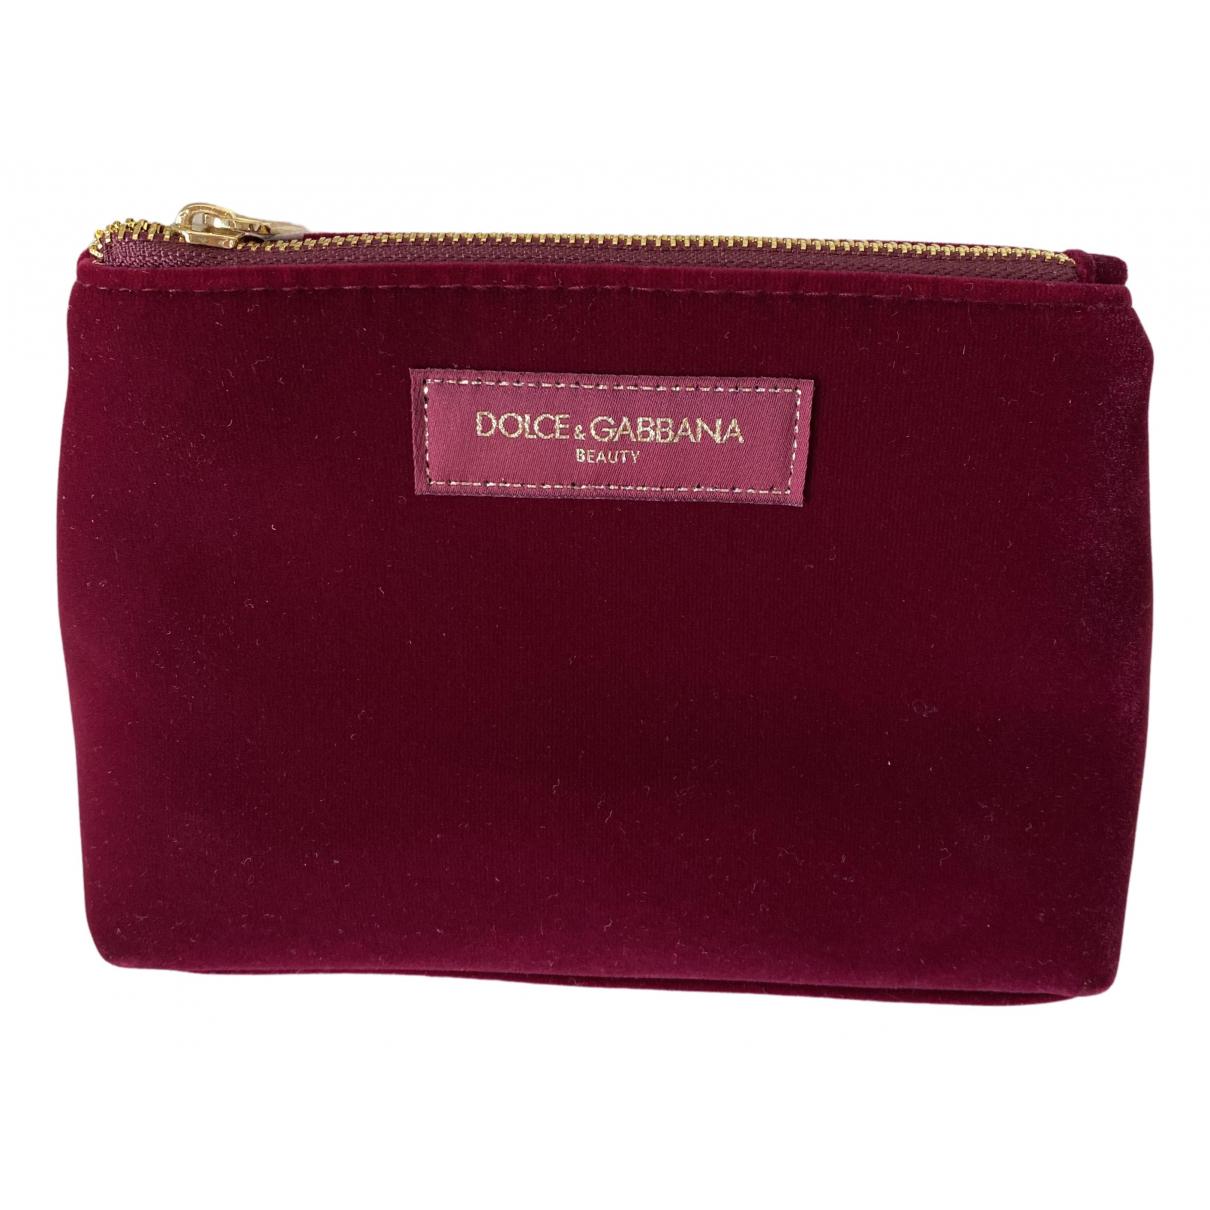 Dolce & Gabbana - Sac de voyage   pour femme en velours - bordeaux